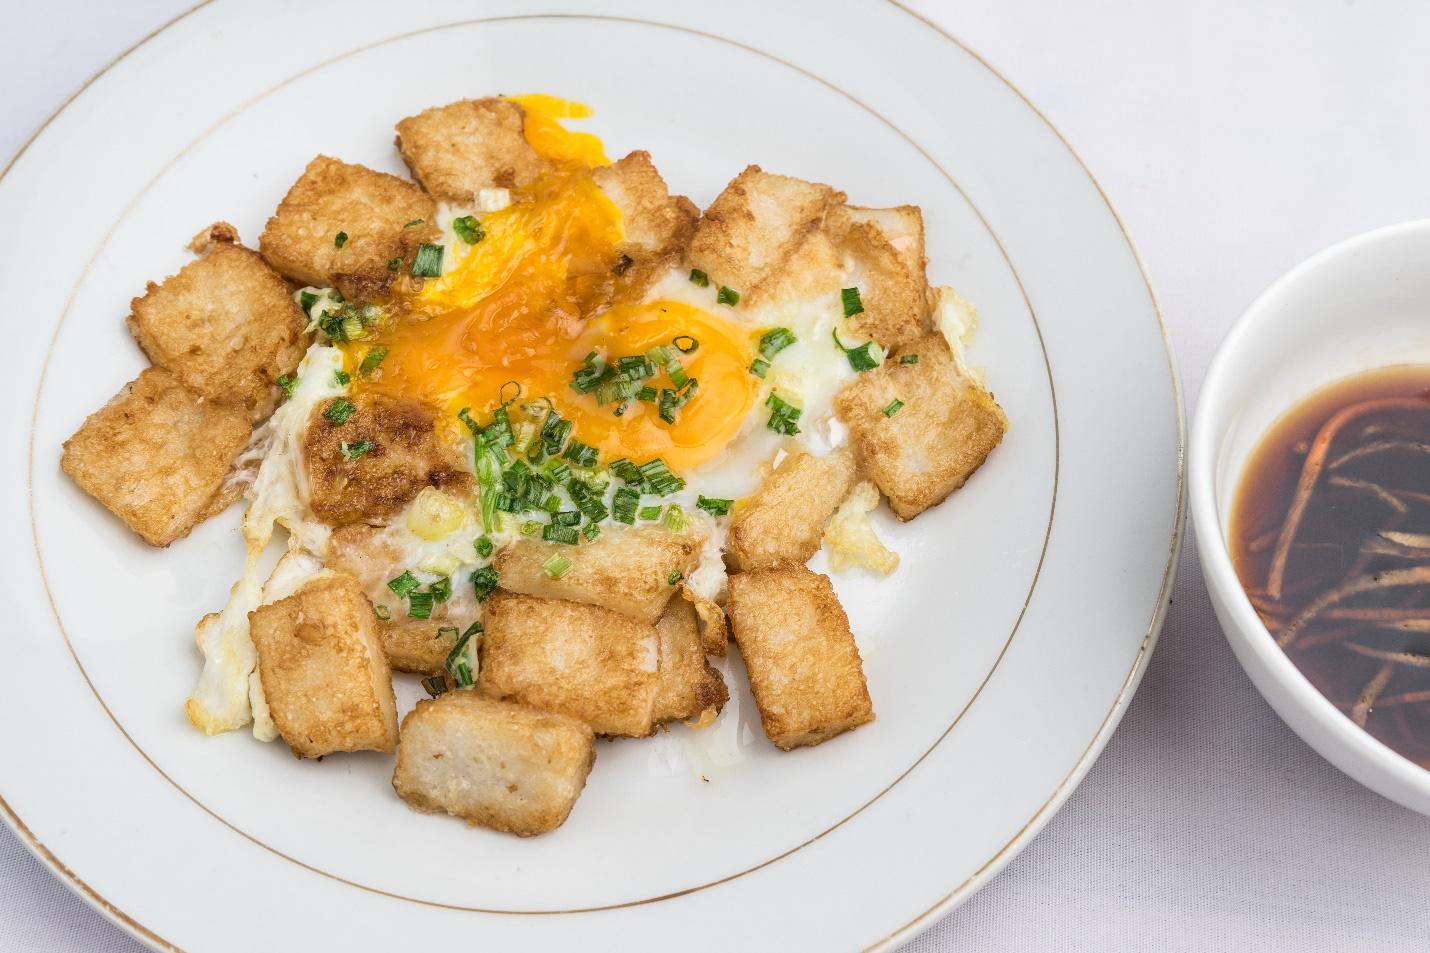 Những món ăn mang đậm dấu ấn Sài Gòn mà bạn nhất định phải thử - Ảnh 1.